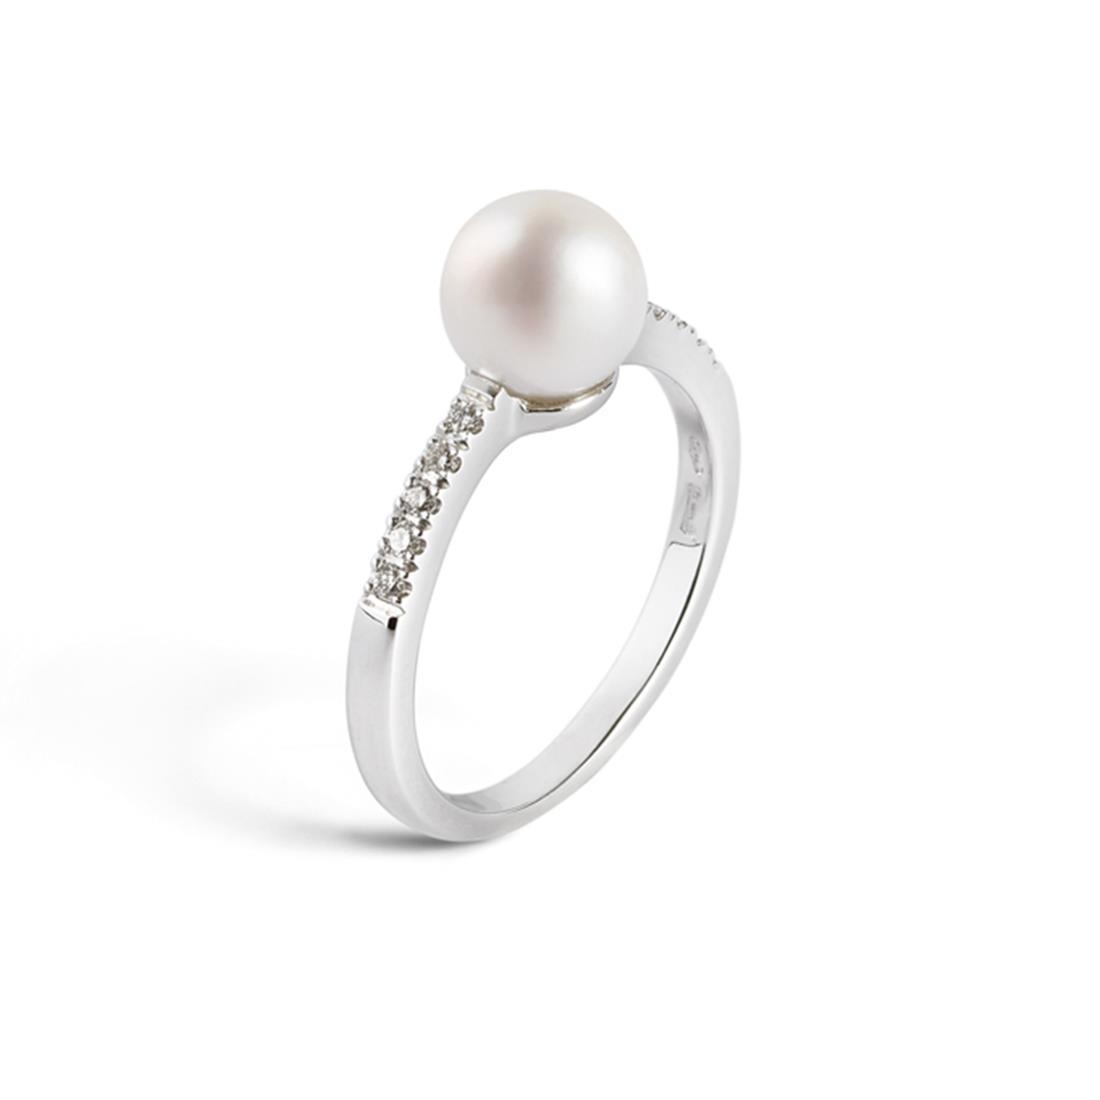 Anello con perla e diamanti - ALFIERI & ST. JOHN